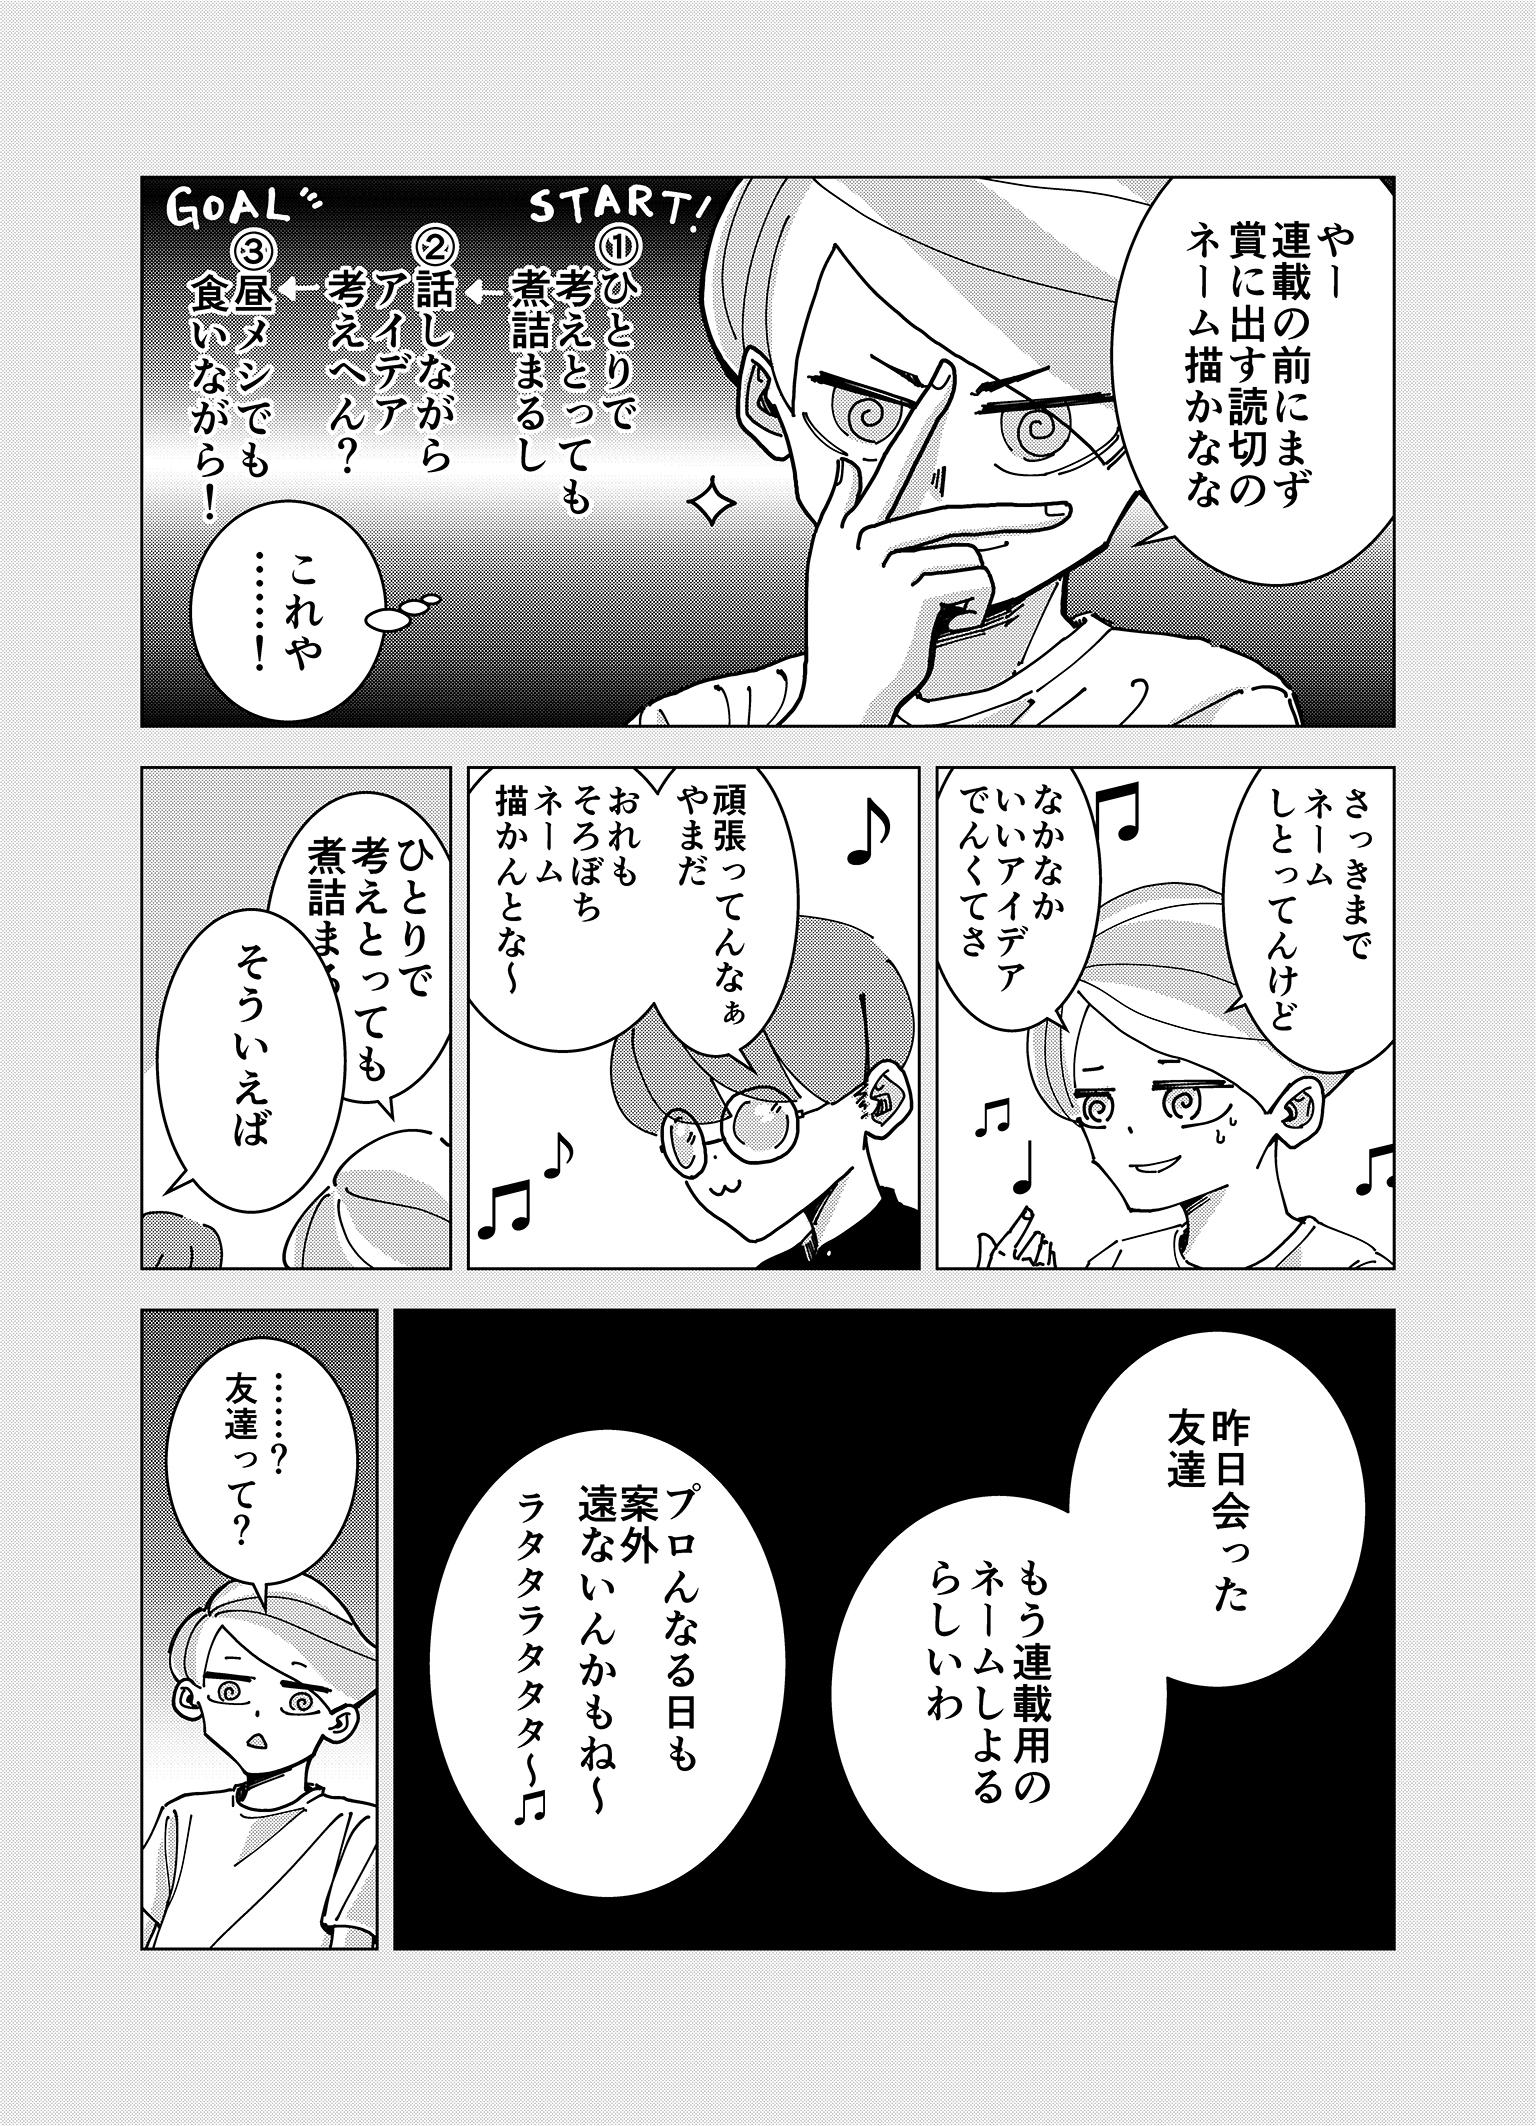 share04_005